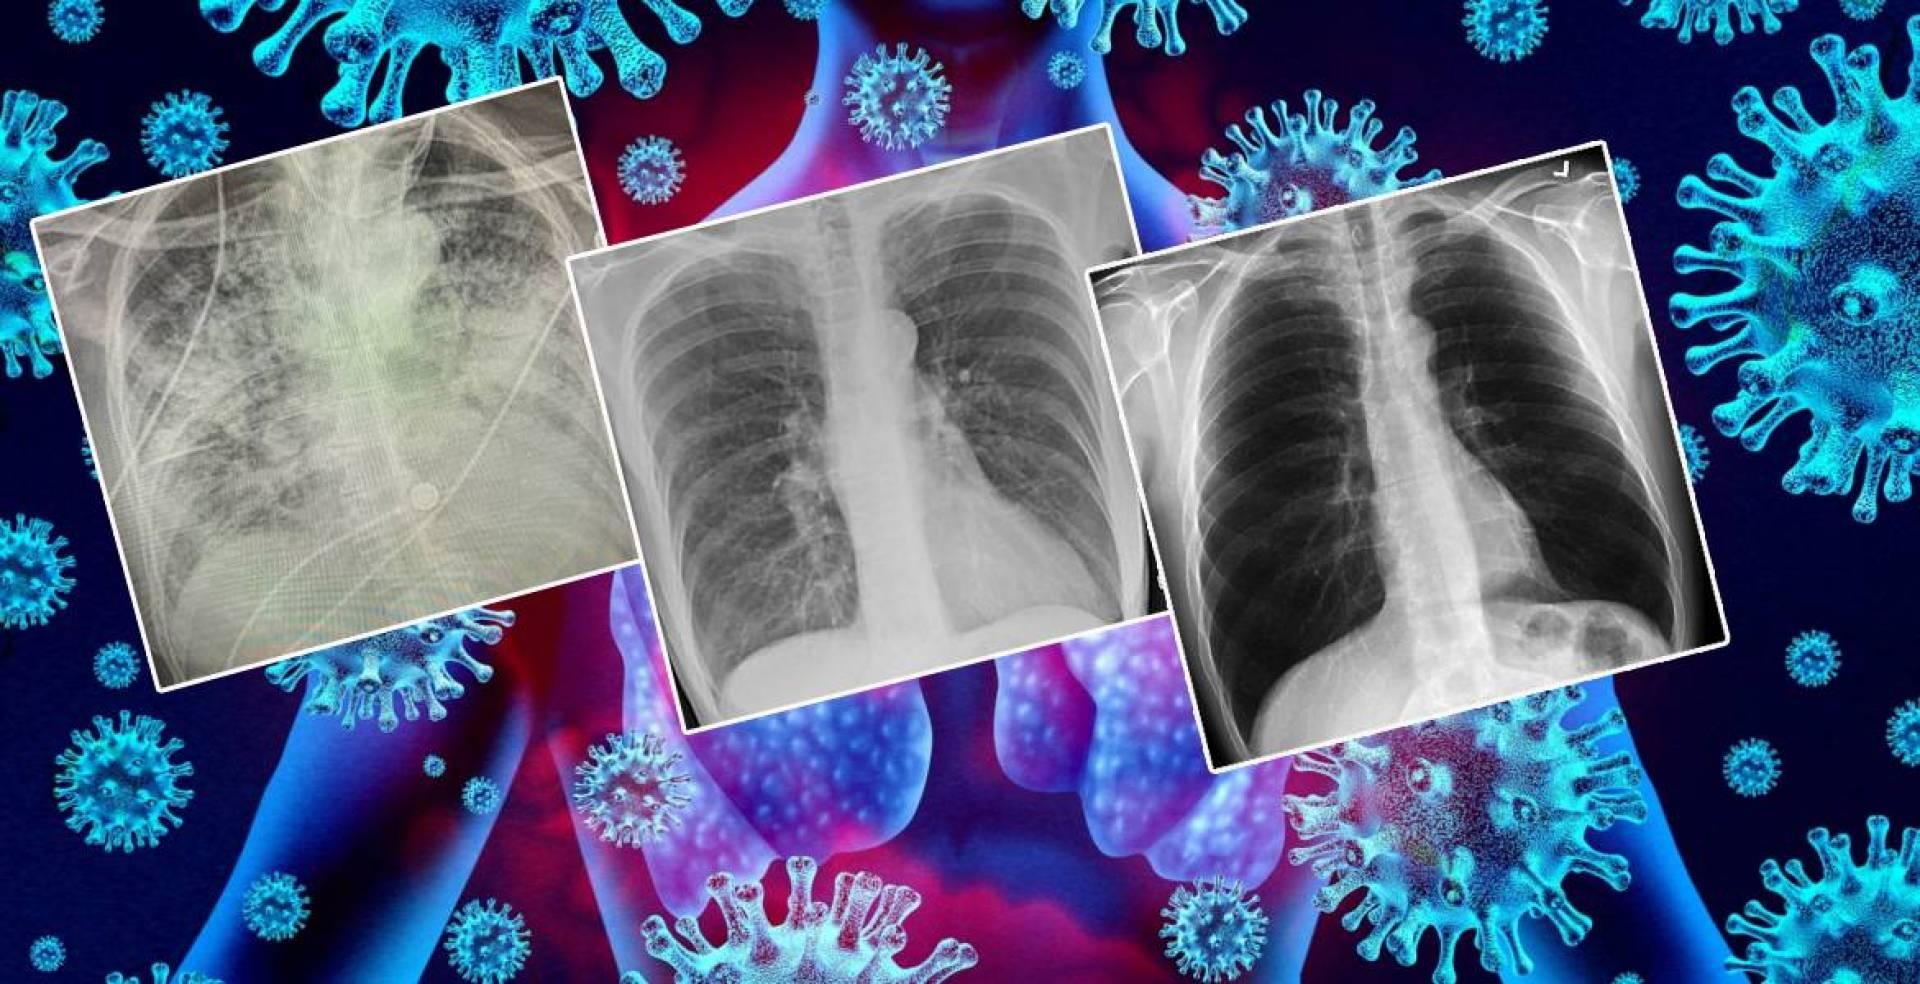 صور بالأشعة تُظهر أن رئة المصاب بكورونا تُصبح أسوأ من رئة المدخنين